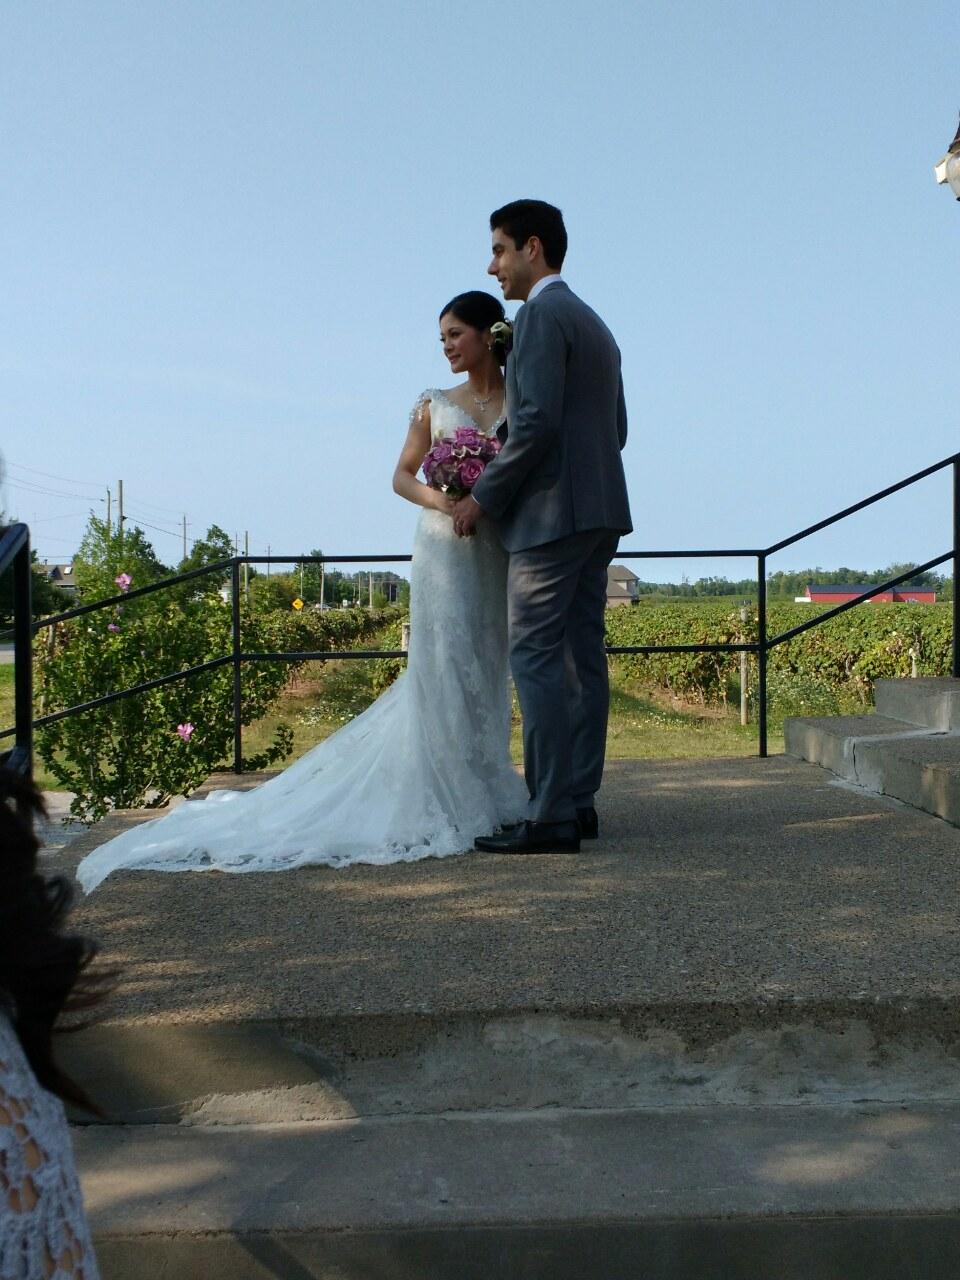 K.'s wedding dress